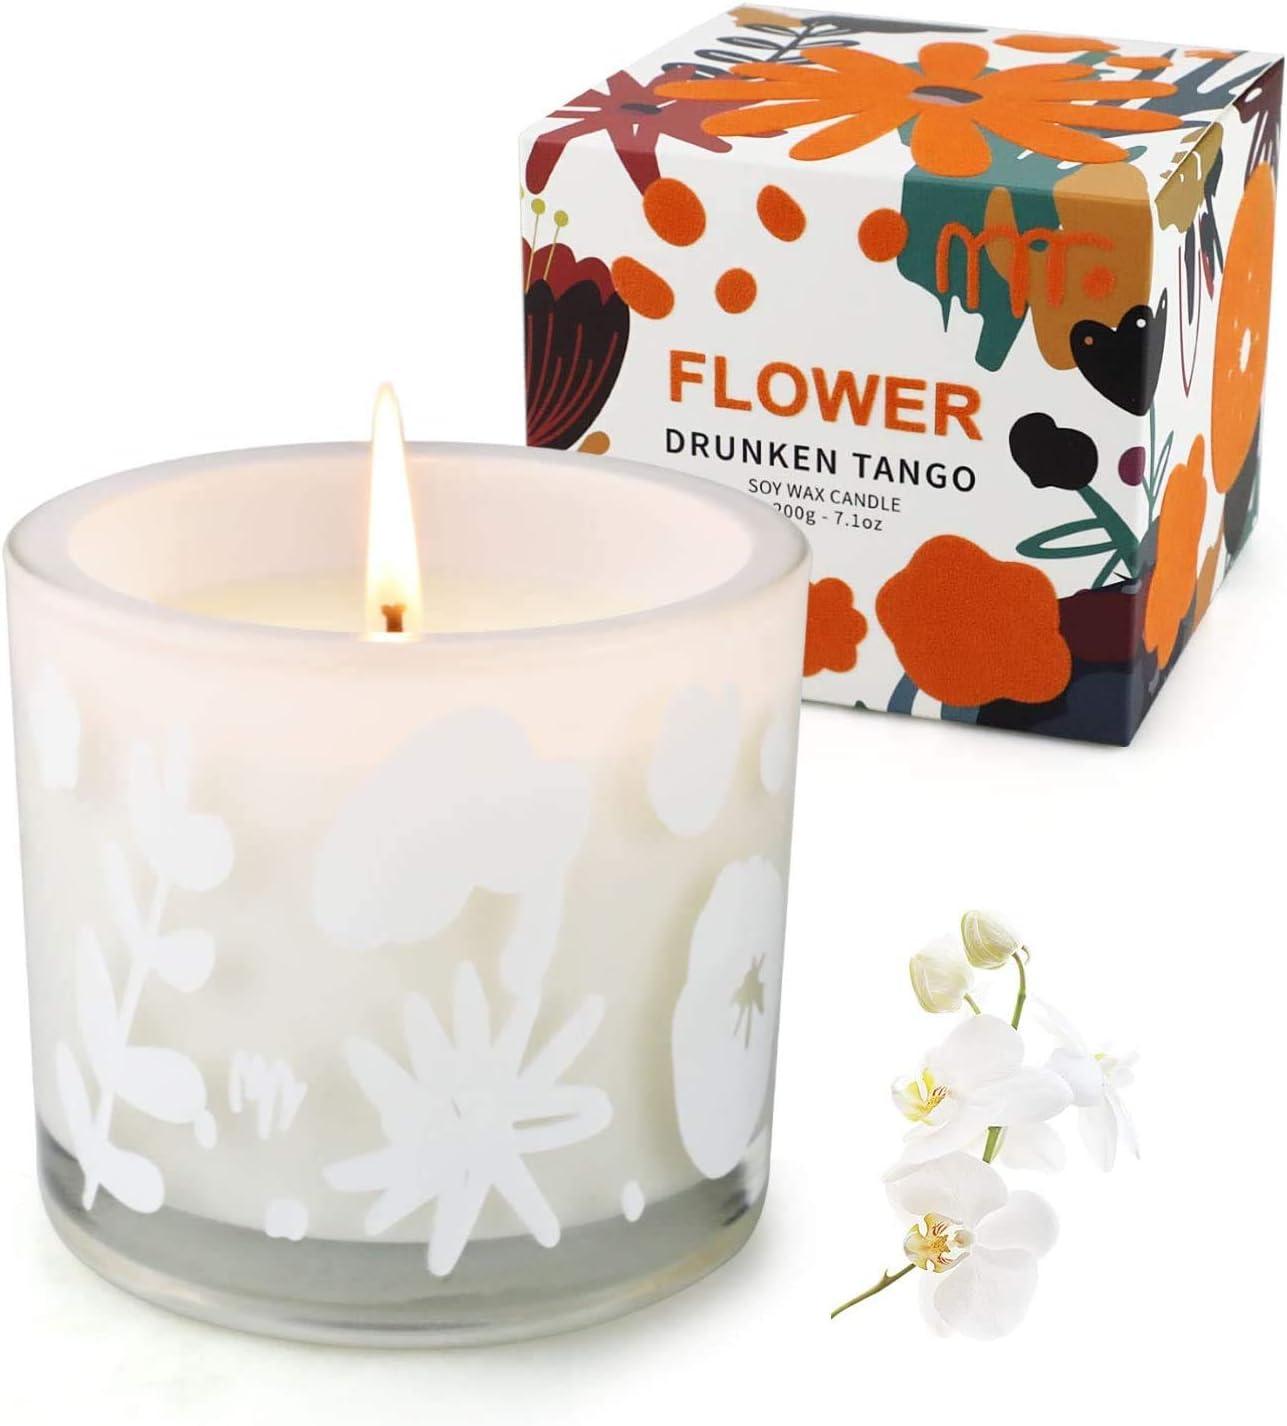 YUE GANG Velas para El Hogar Perfumadas - Velas Perfumadas para Regalar a Las Mujeres - Velas En Frasco - Velas Relajantes De Aromaterapia con Orquídeas y Lirios de 7,1 oz 50 Horas